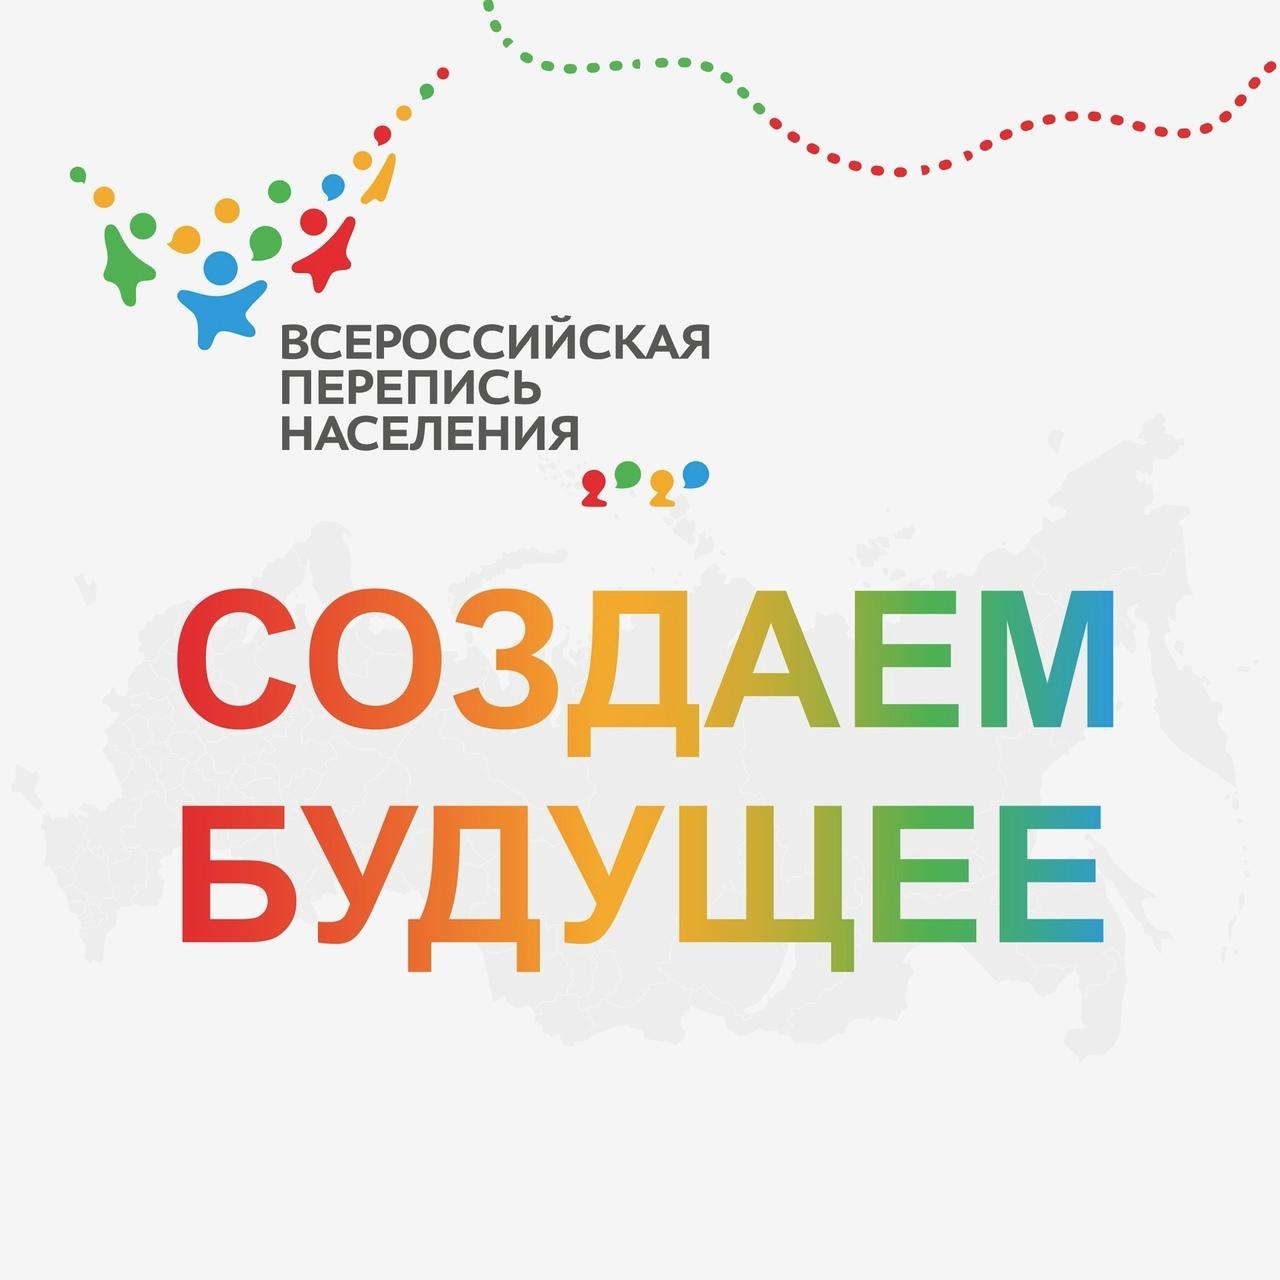 С 15 октября по 14 ноября 2021 года в Кировской области проводится Всероссийская перепись населения